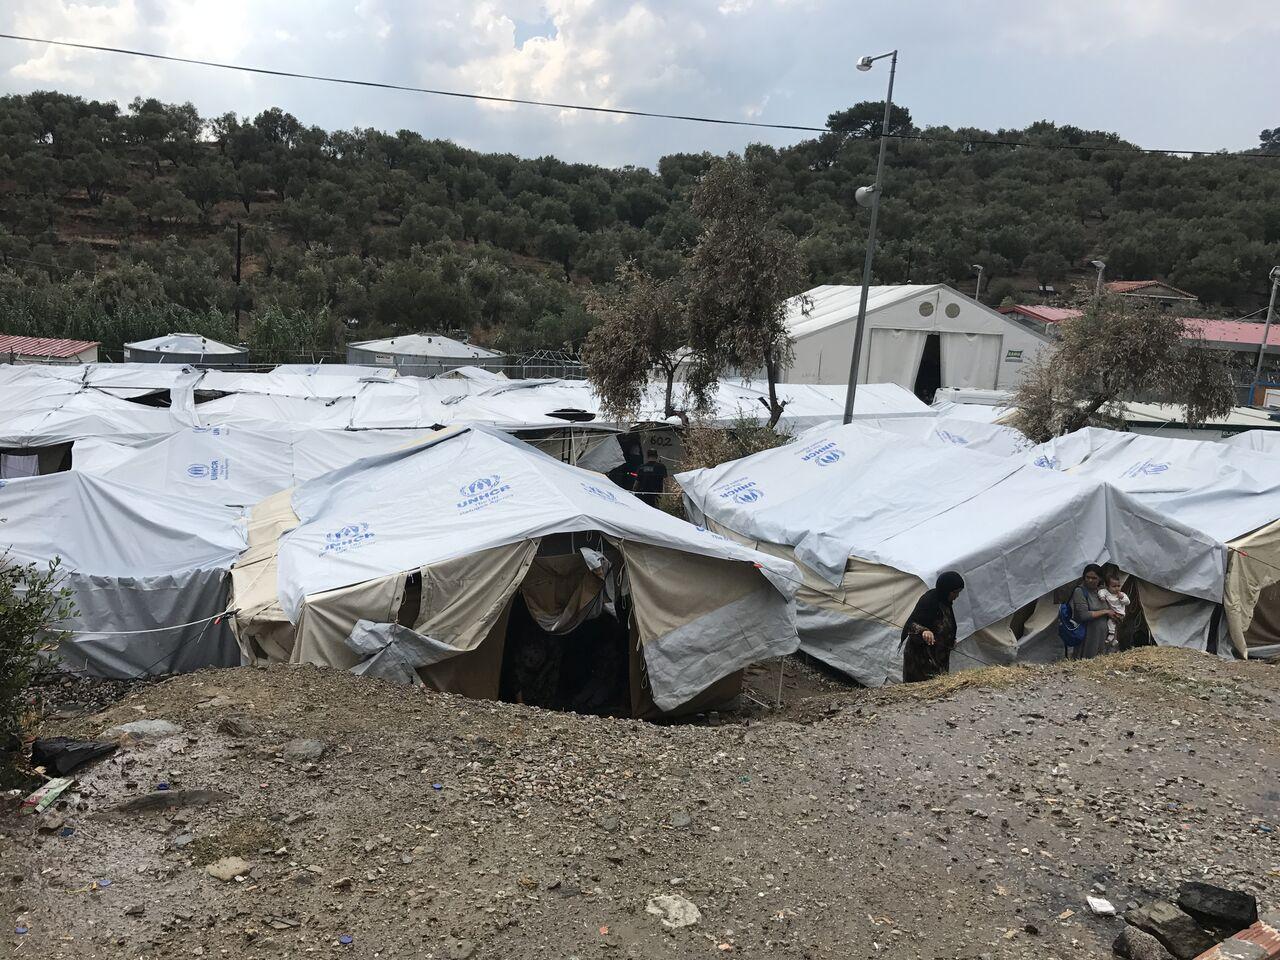 Επείγουσα Ανάγκη να Μεταφερθούν οι Πρόσφυγες από τα Νησιά